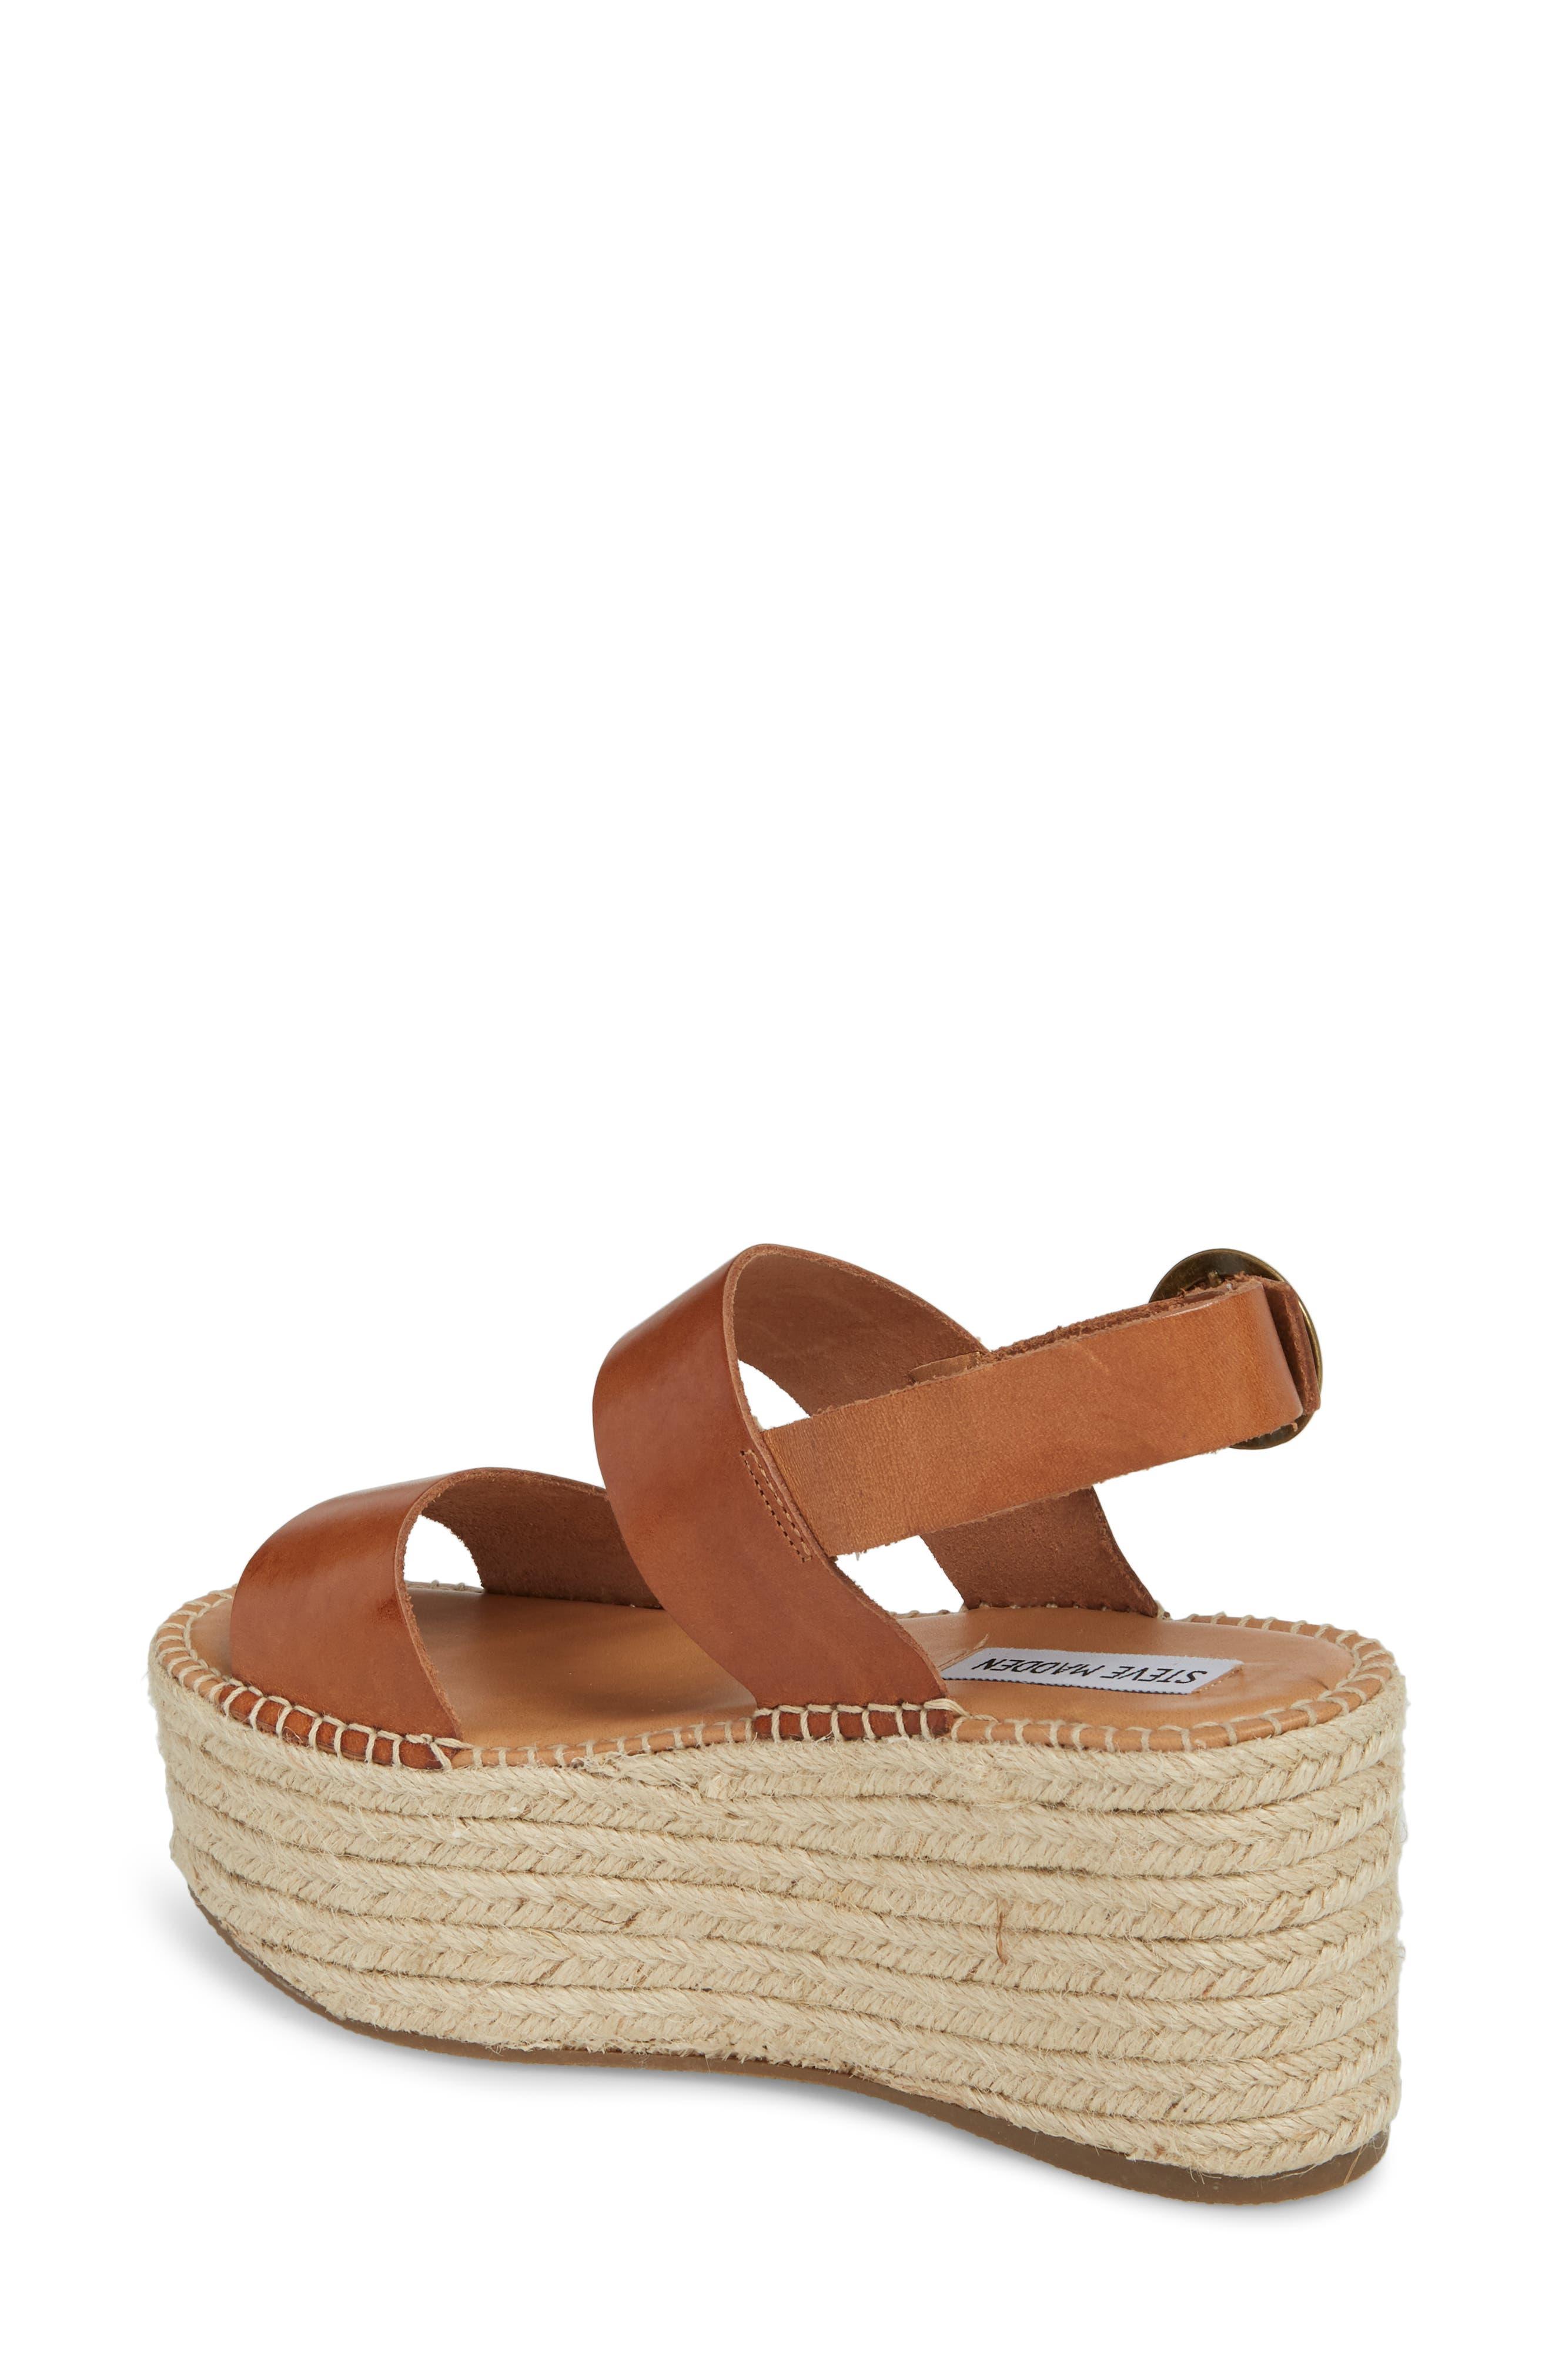 Cali Espadrille Platform Sandal,                             Alternate thumbnail 2, color,                             Cognac Leather